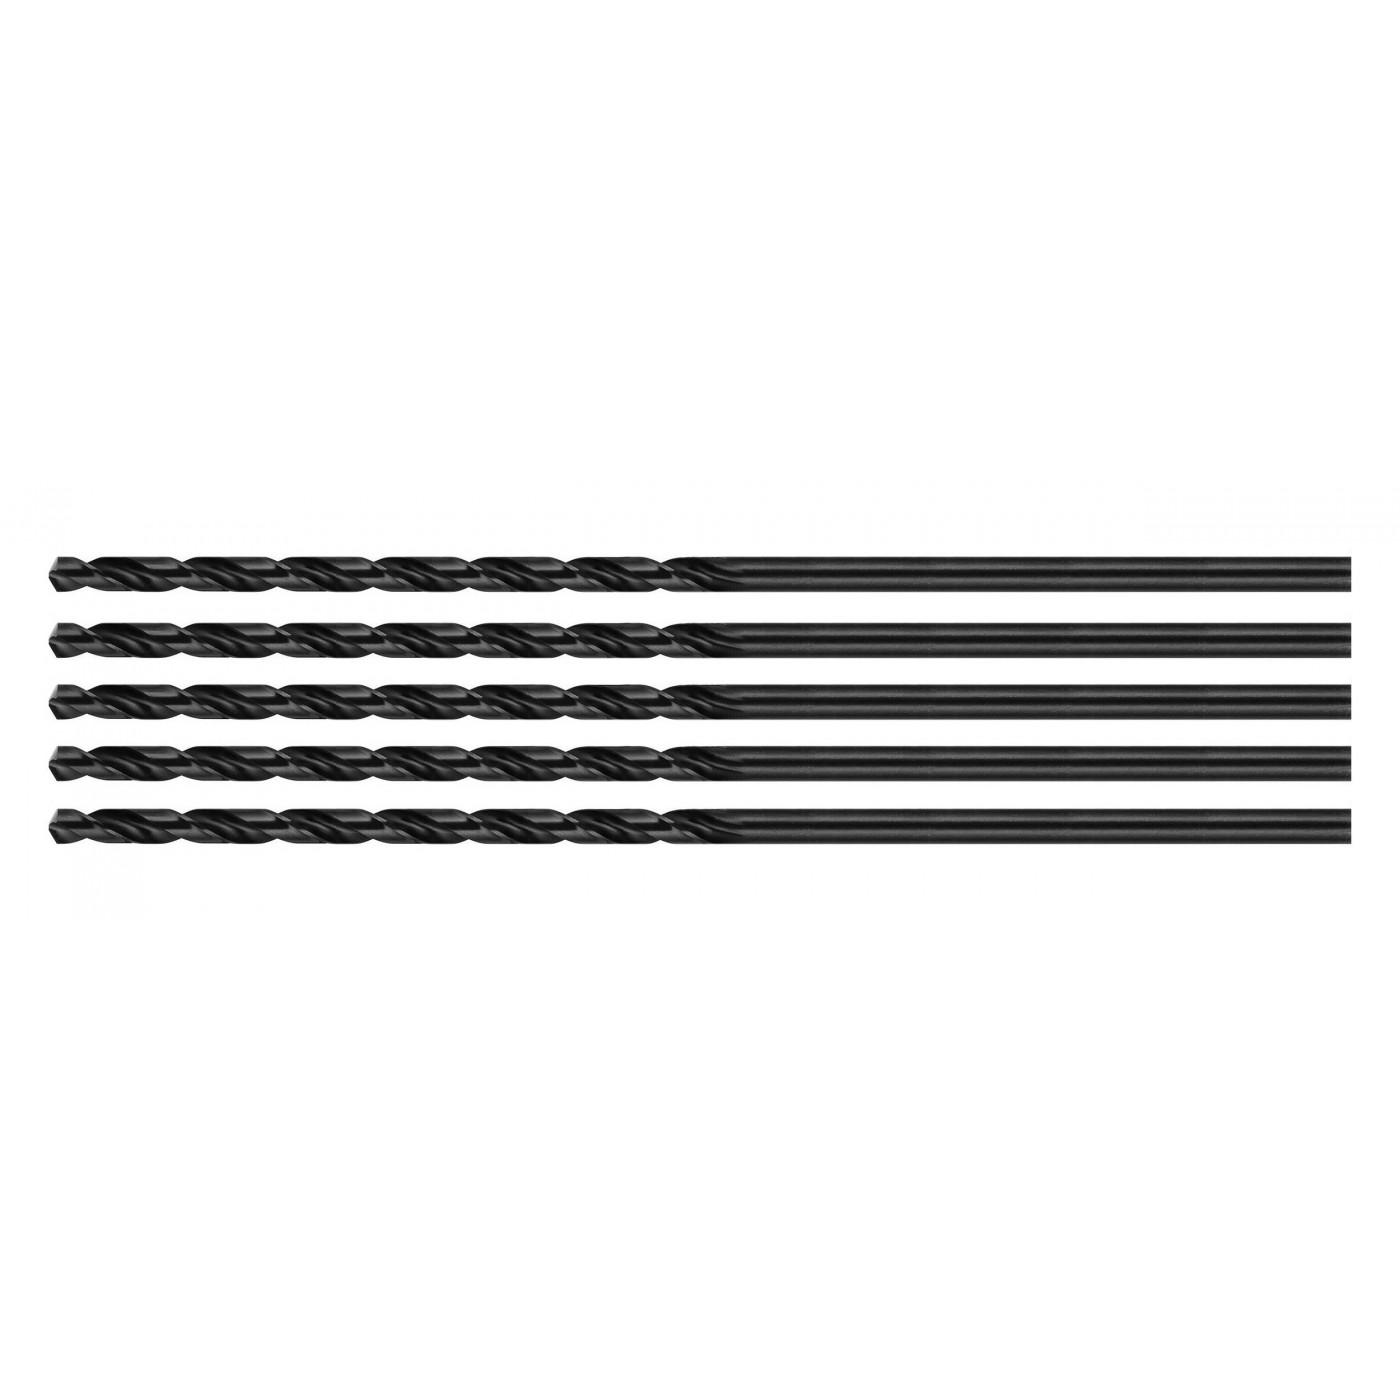 Set von 5 Metallbohrern (HSS, 3,2x200 mm)  - 1